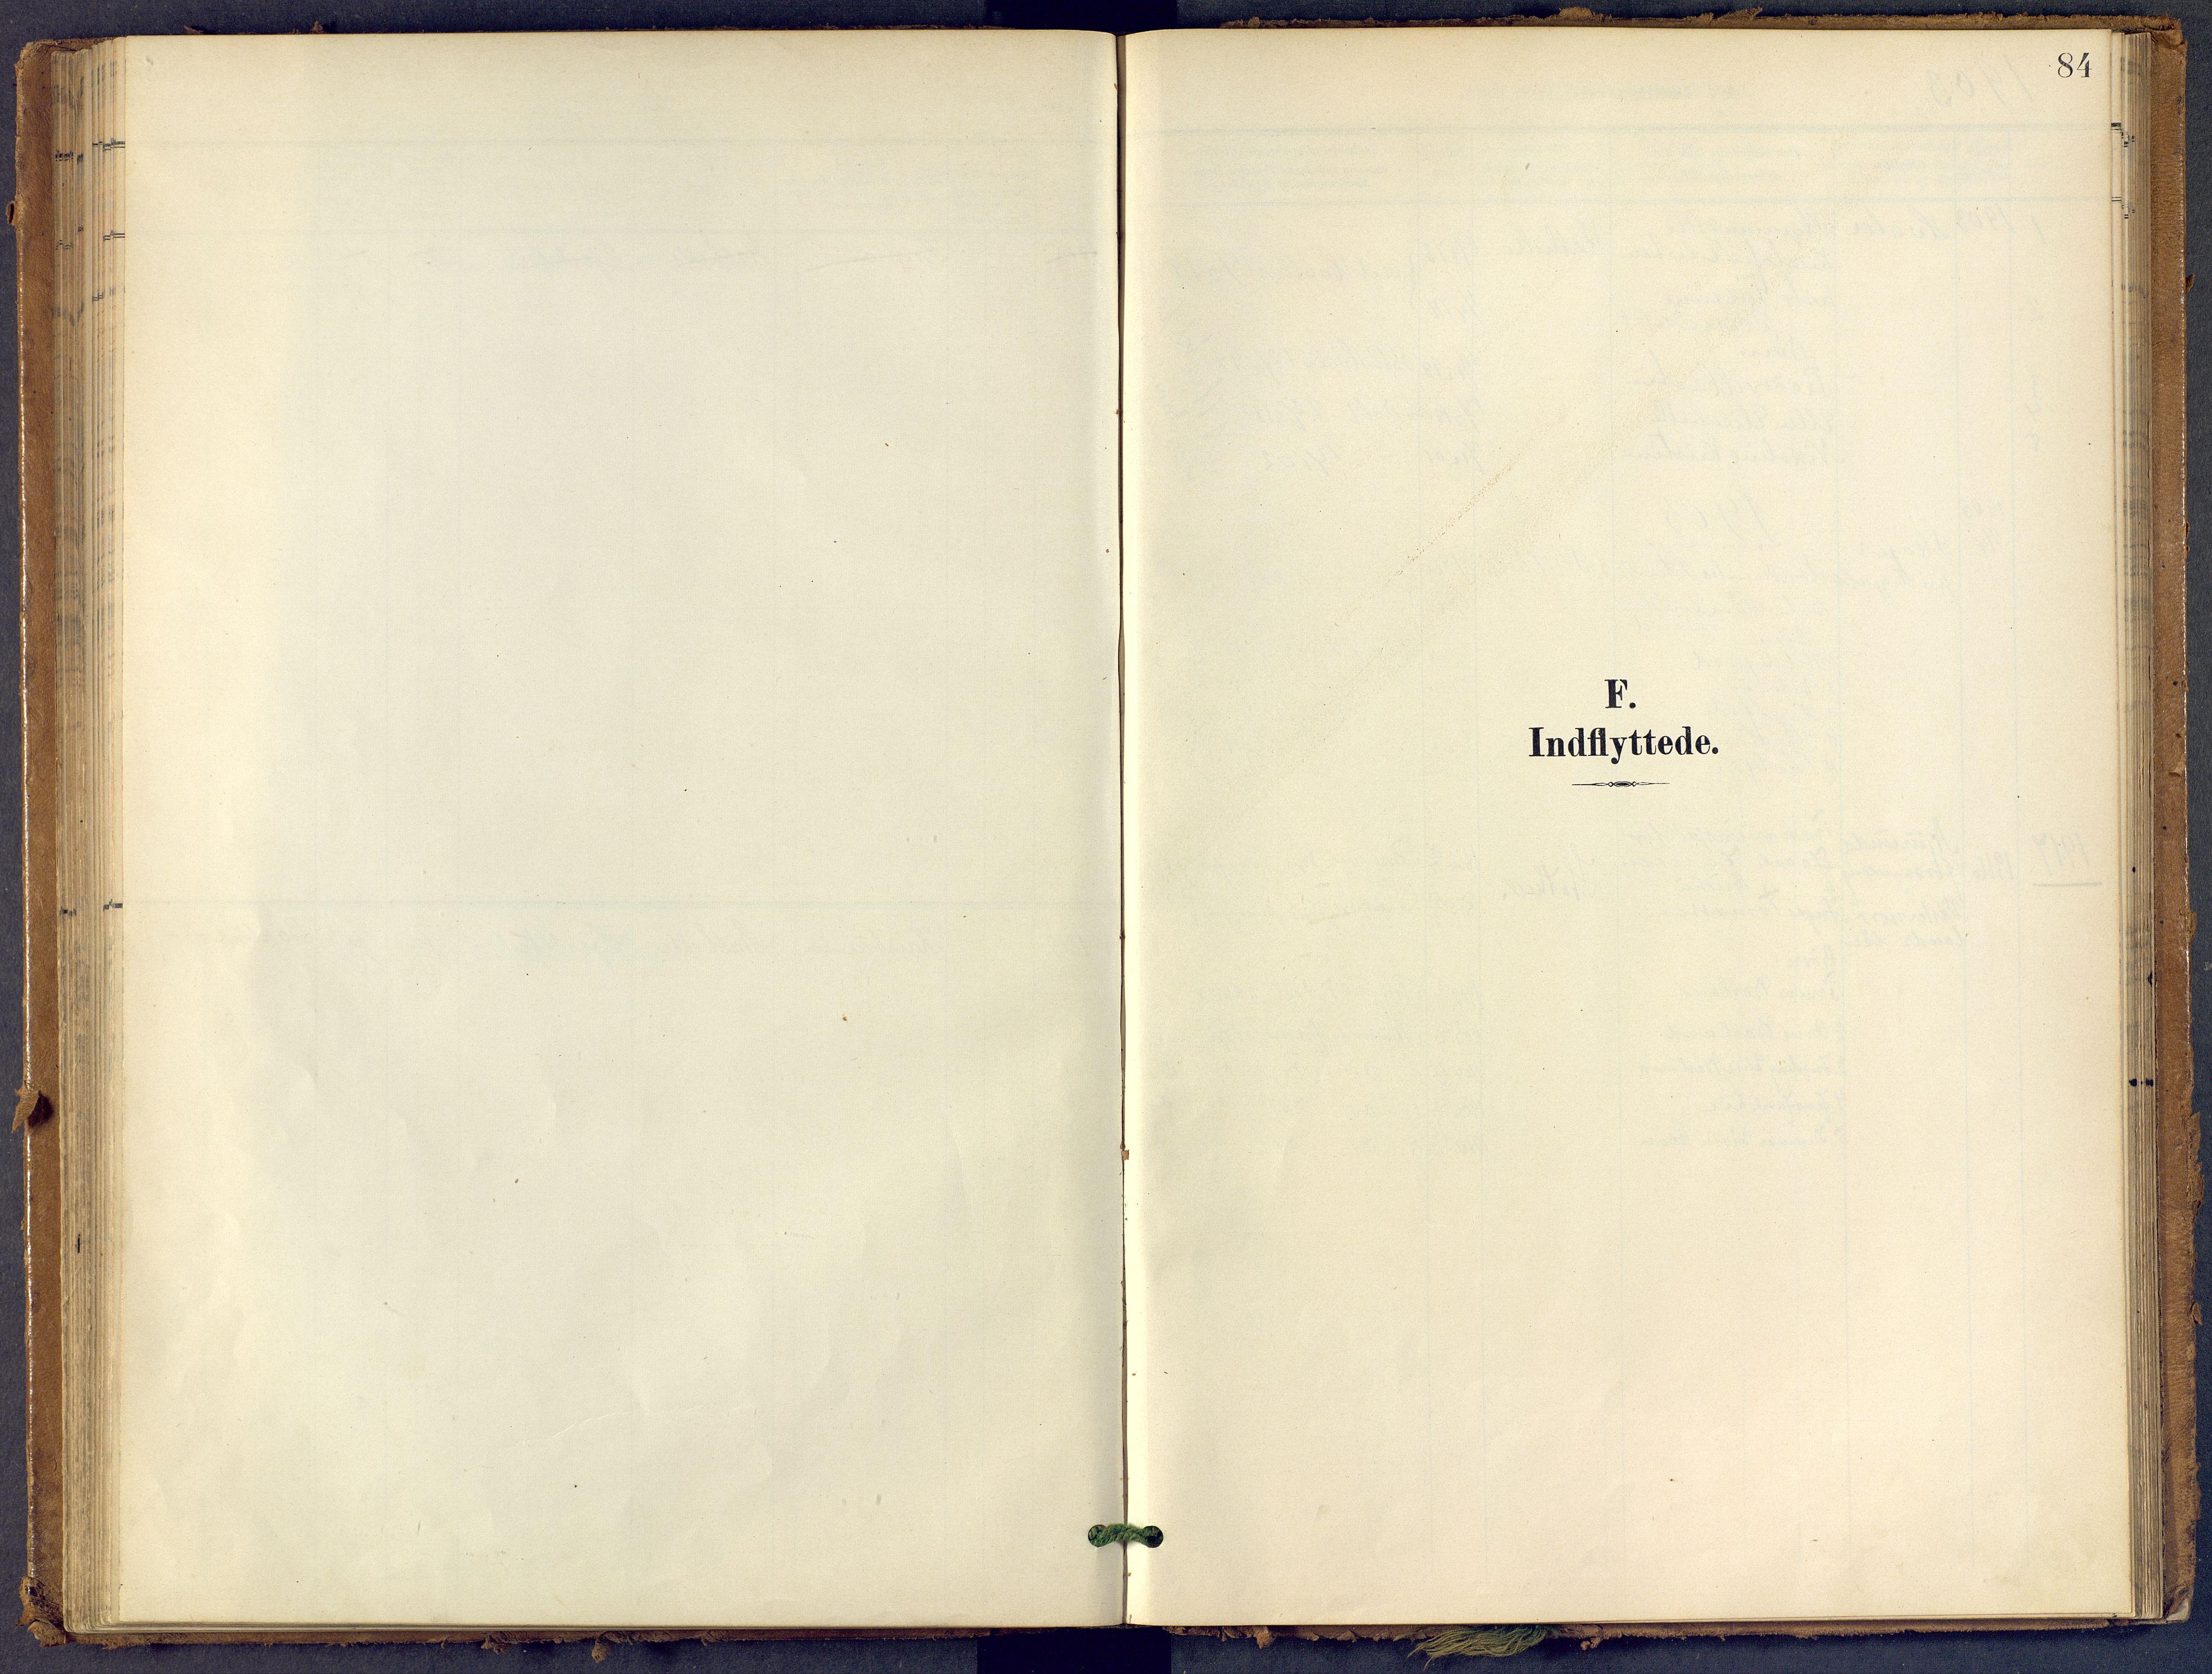 SAKO, Bamble kirkebøker, F/Fb/L0002: Ministerialbok nr. II 2, 1900-1921, s. 84